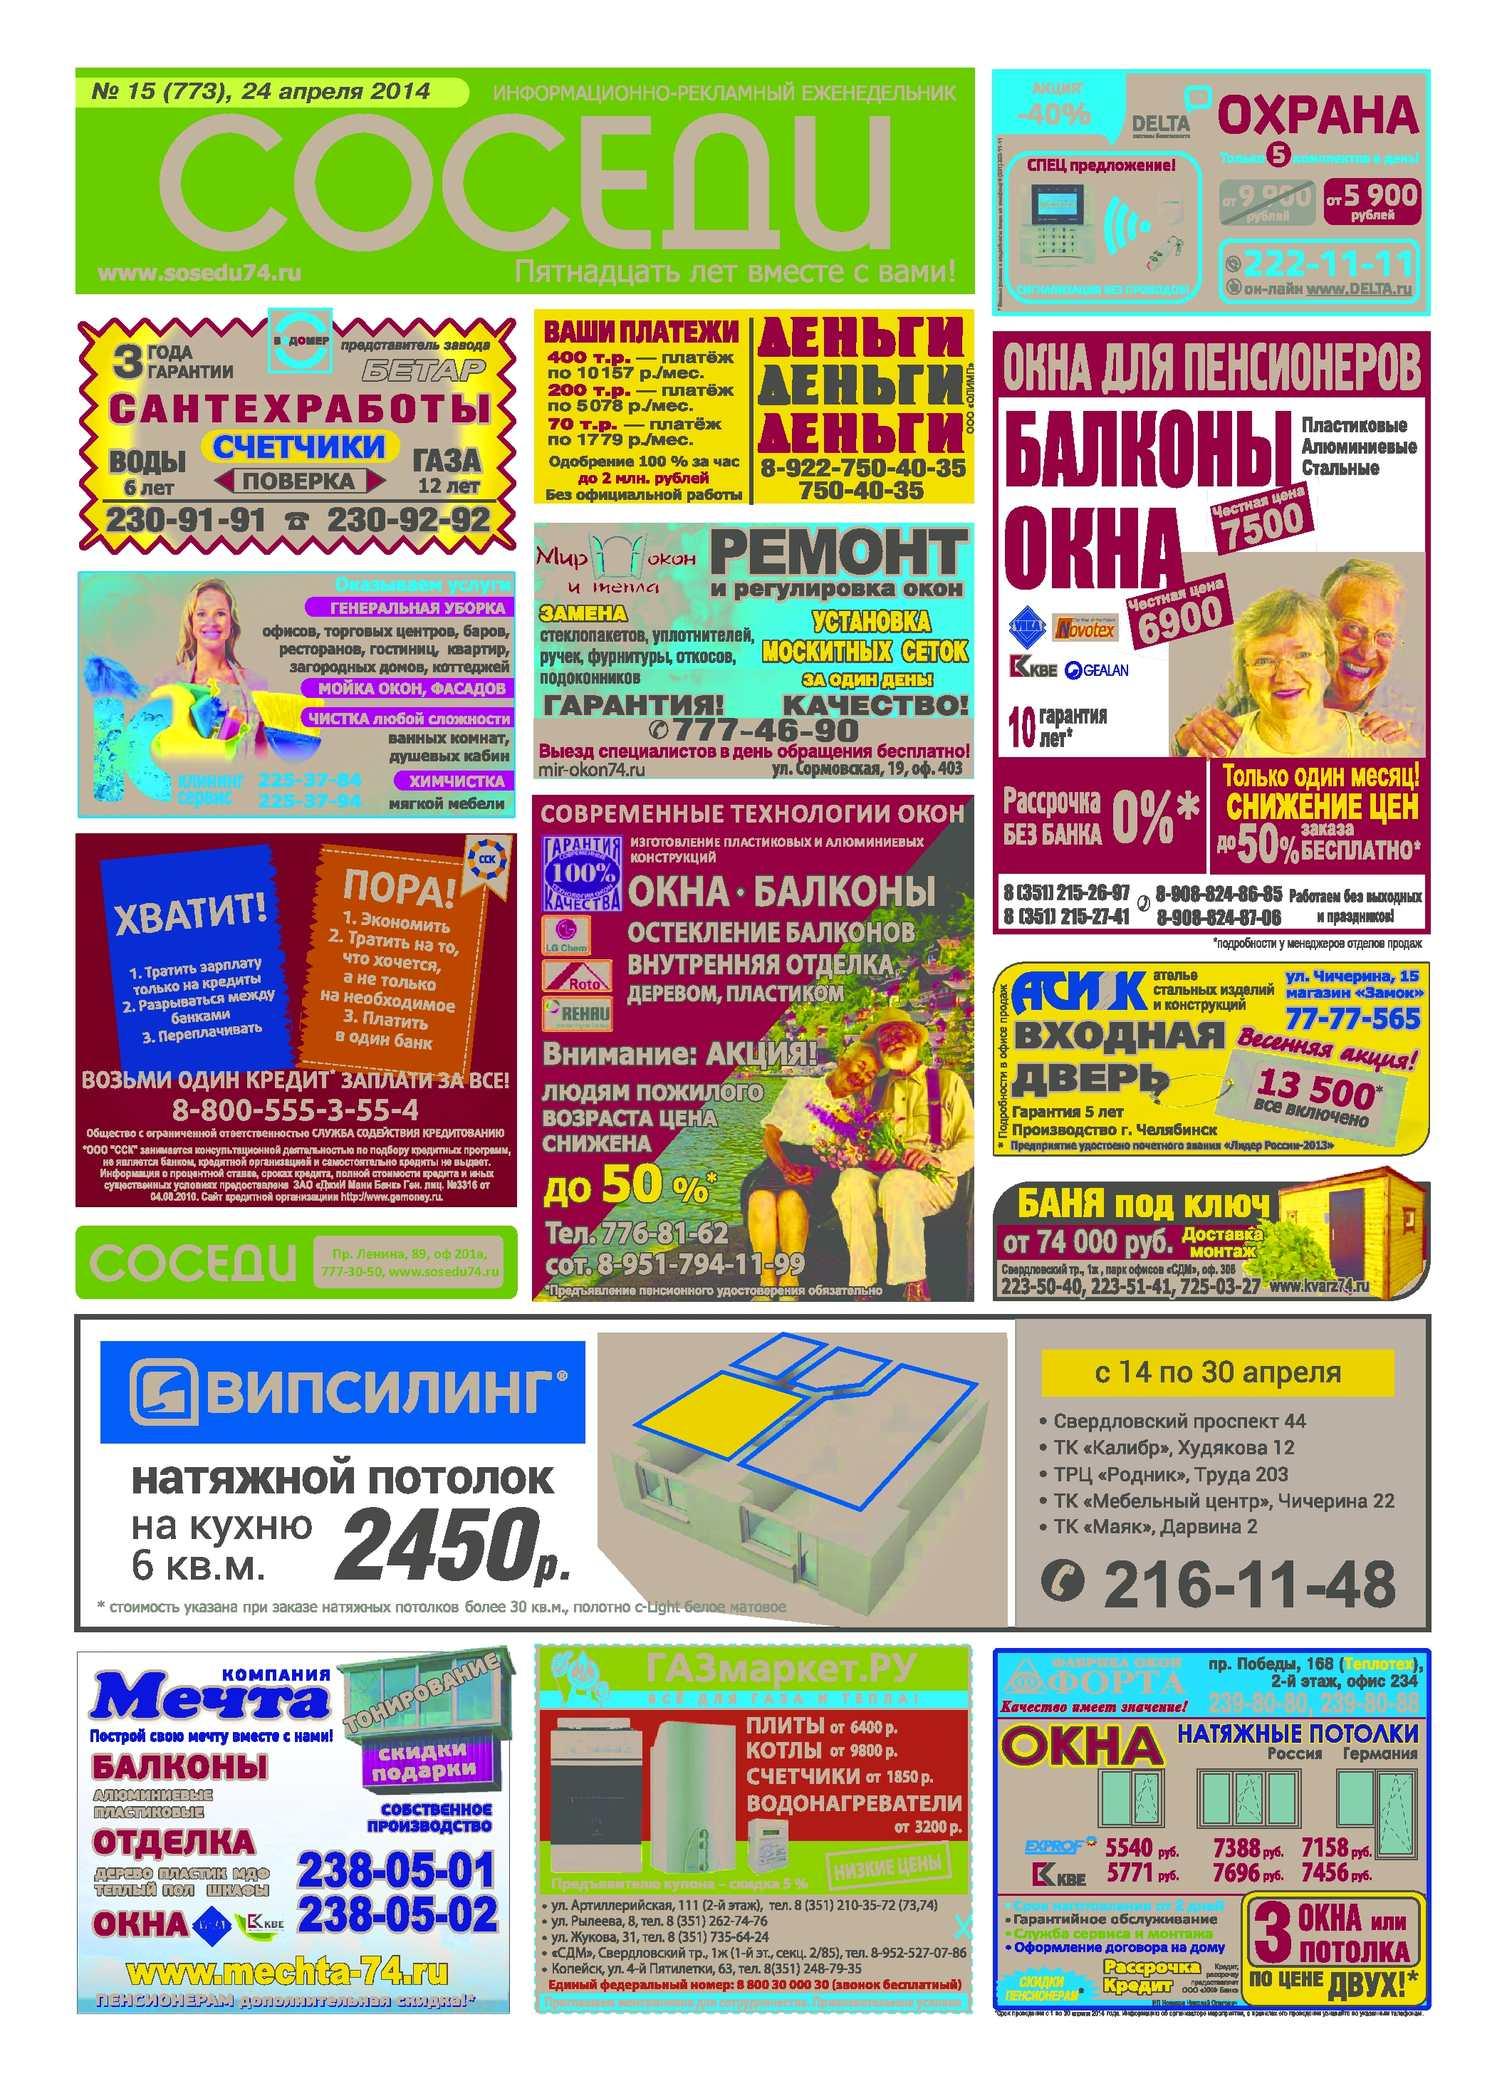 Купить справку 2 ндфл Комсомольский проспект трудовой договор Мелькисаровская улица